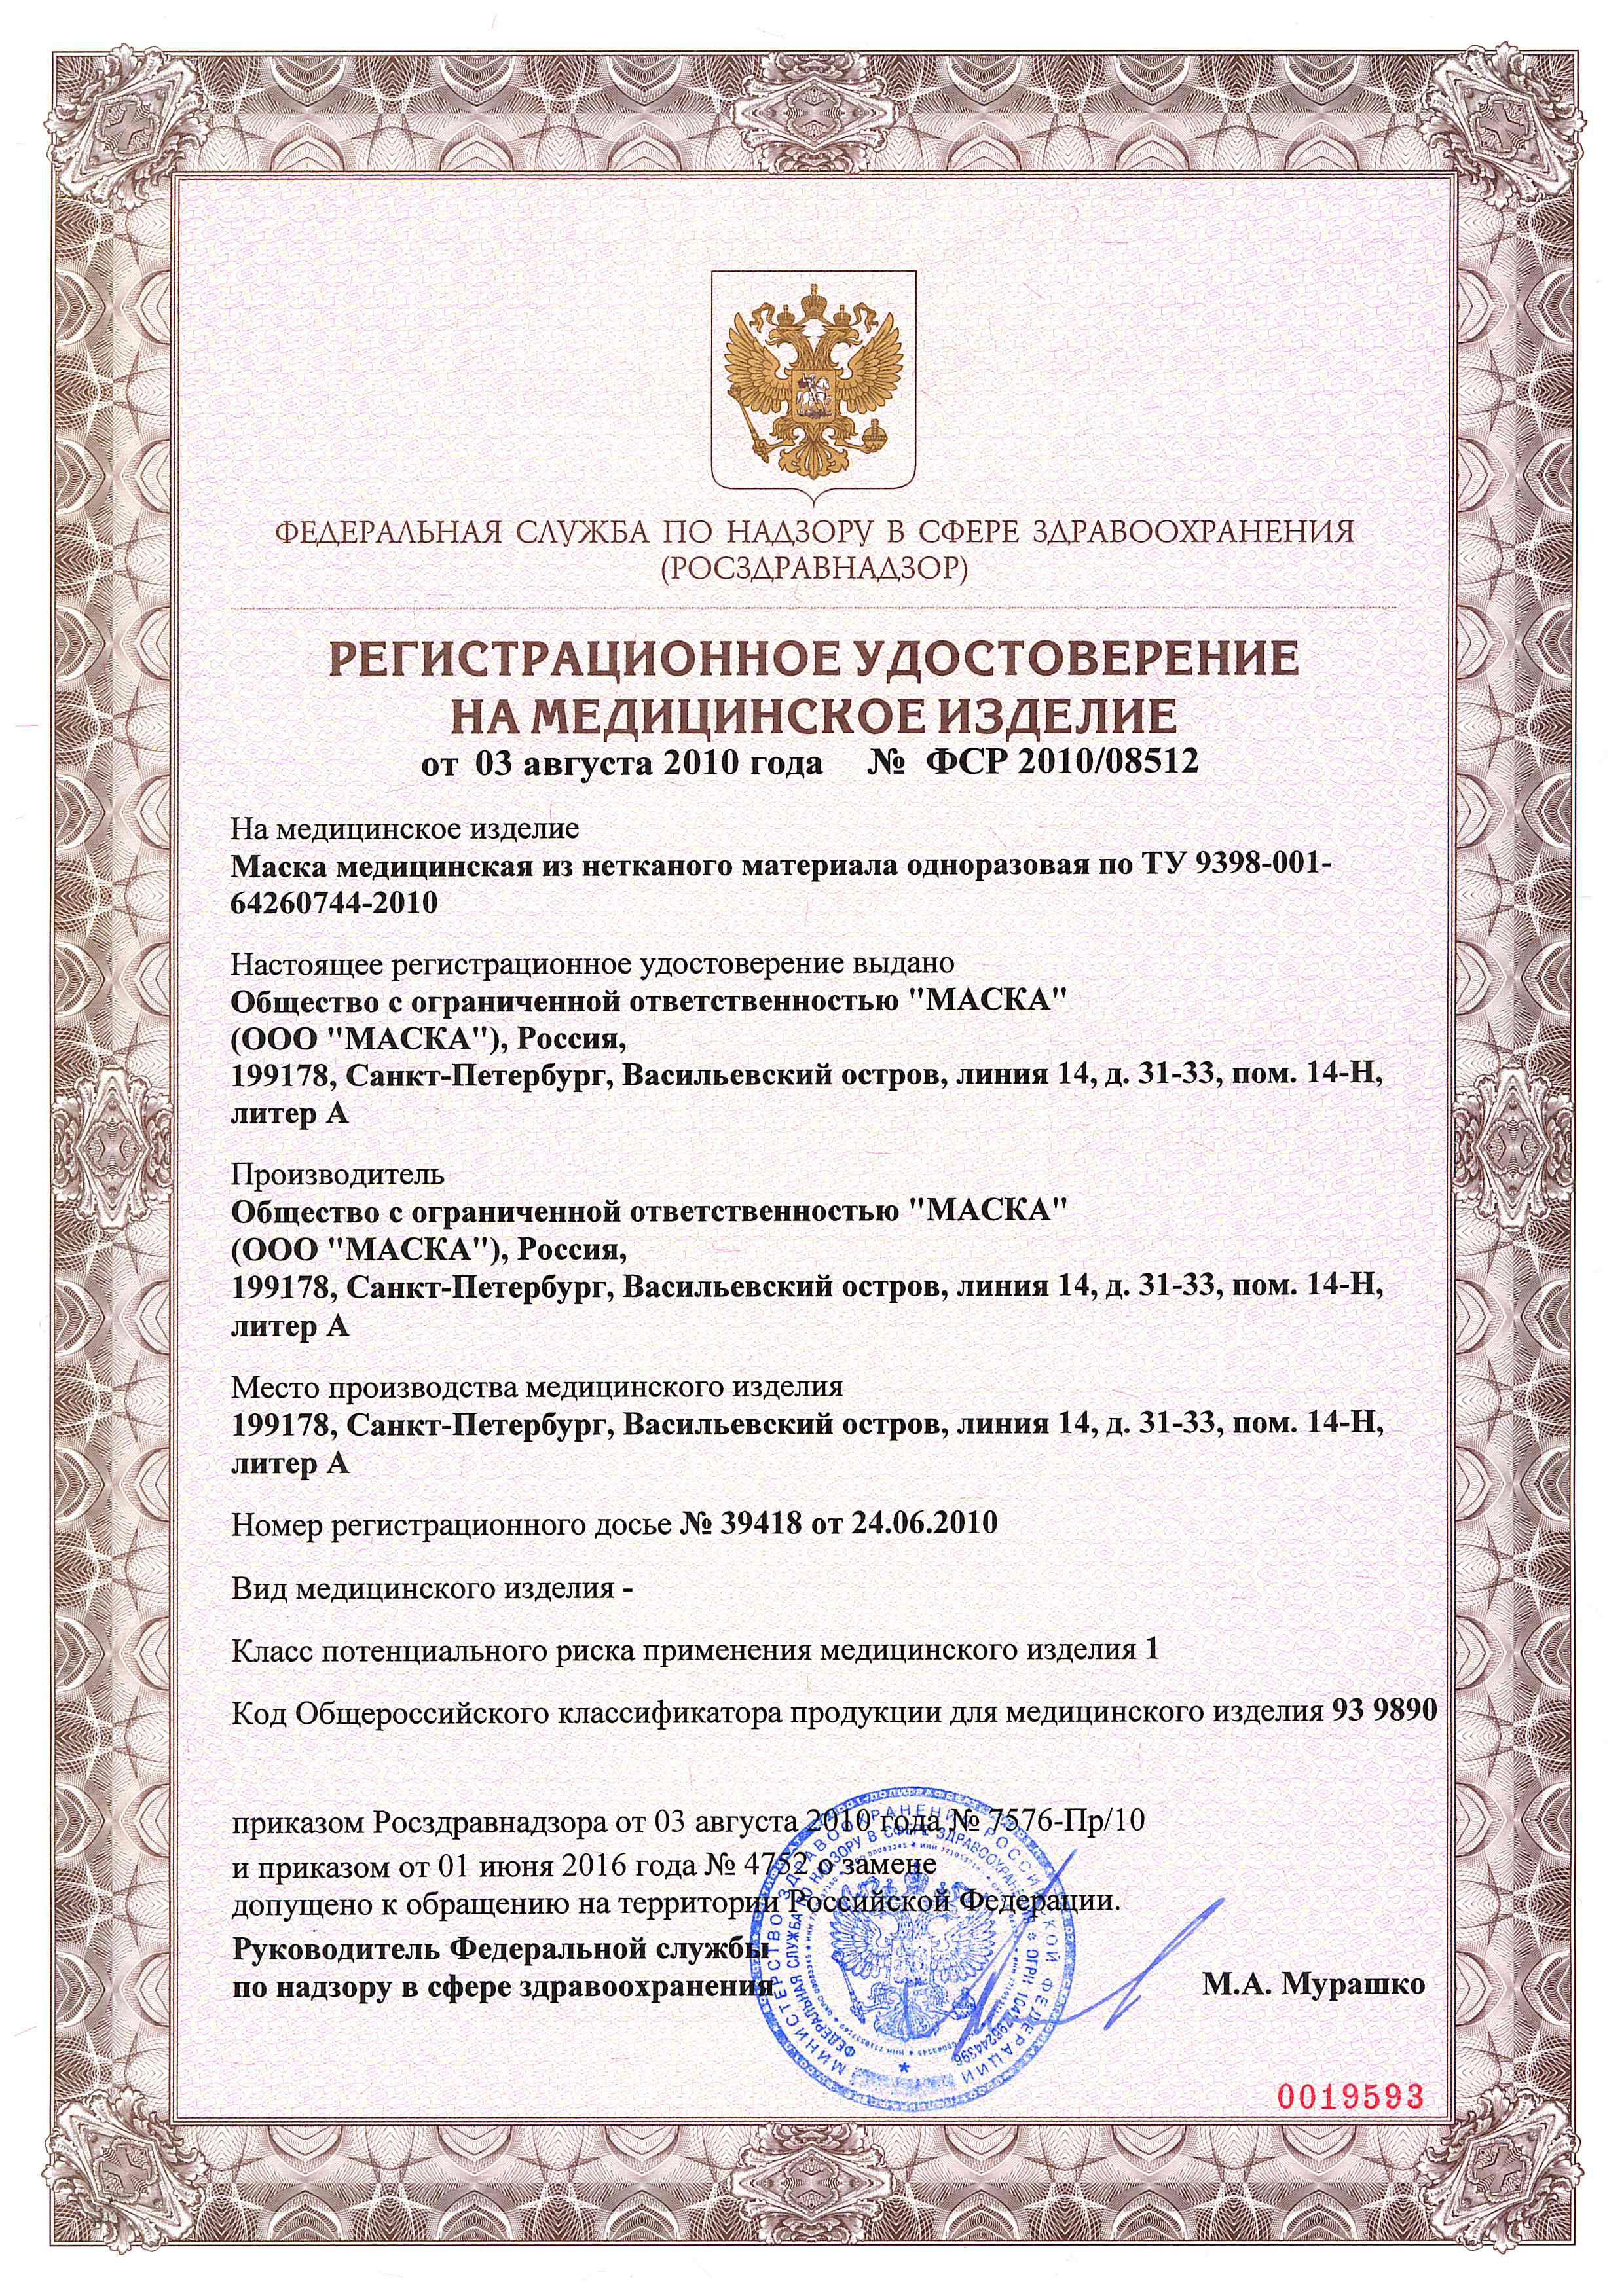 Регистрационное удостоверение маски Sense